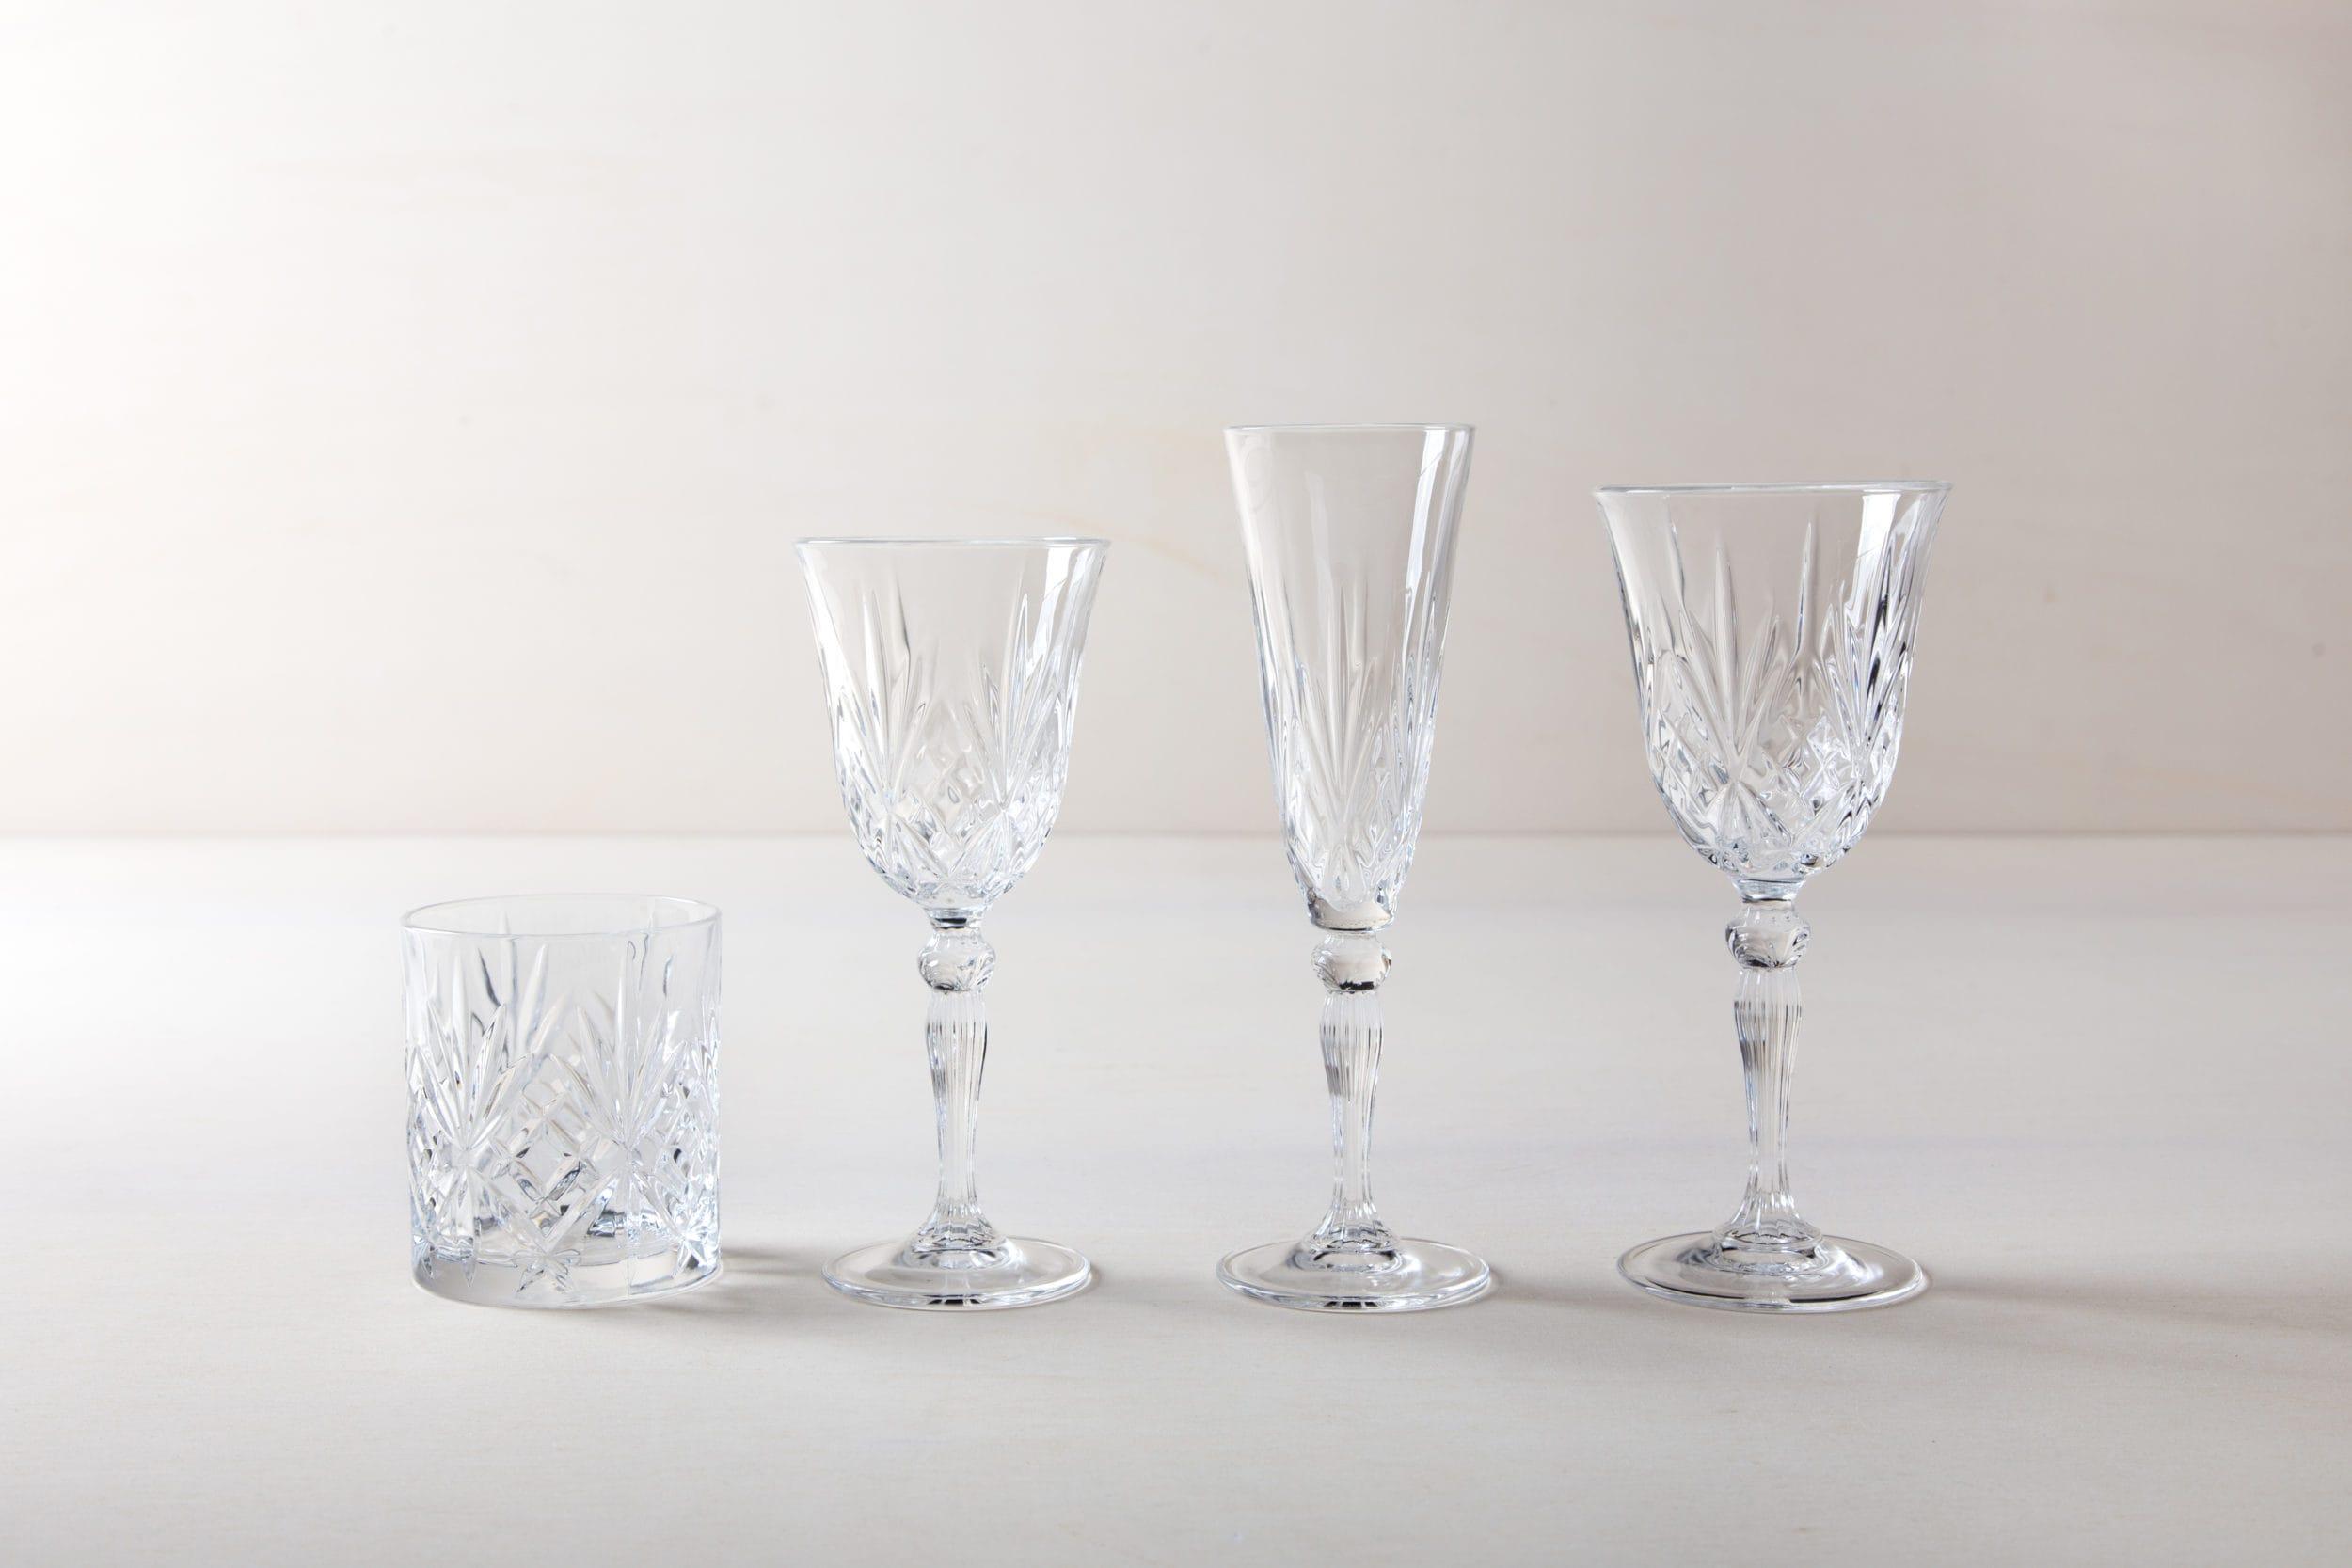 Kristallglas, Wassergläser, Events, Hochzeiten, mieten